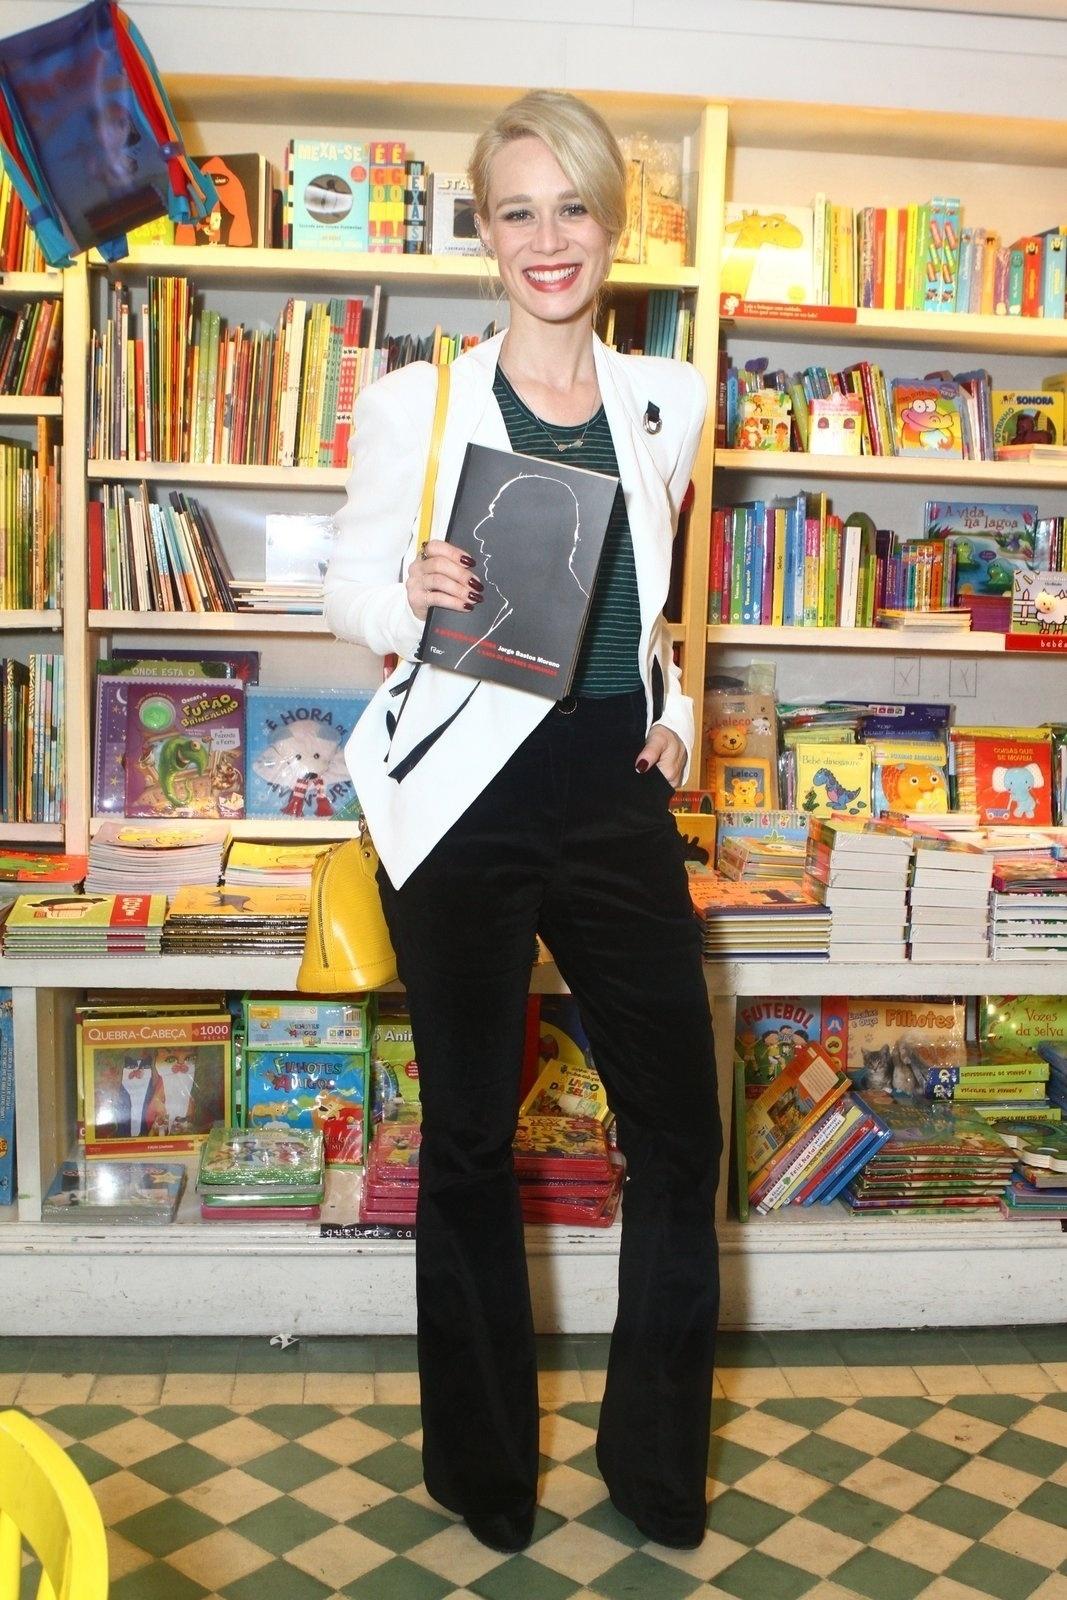 5.ago.2013 - A atriz Mariana Ximenes prestigia o jornalista Jorge Bastos Moreno na sessão de autógrafos do livro